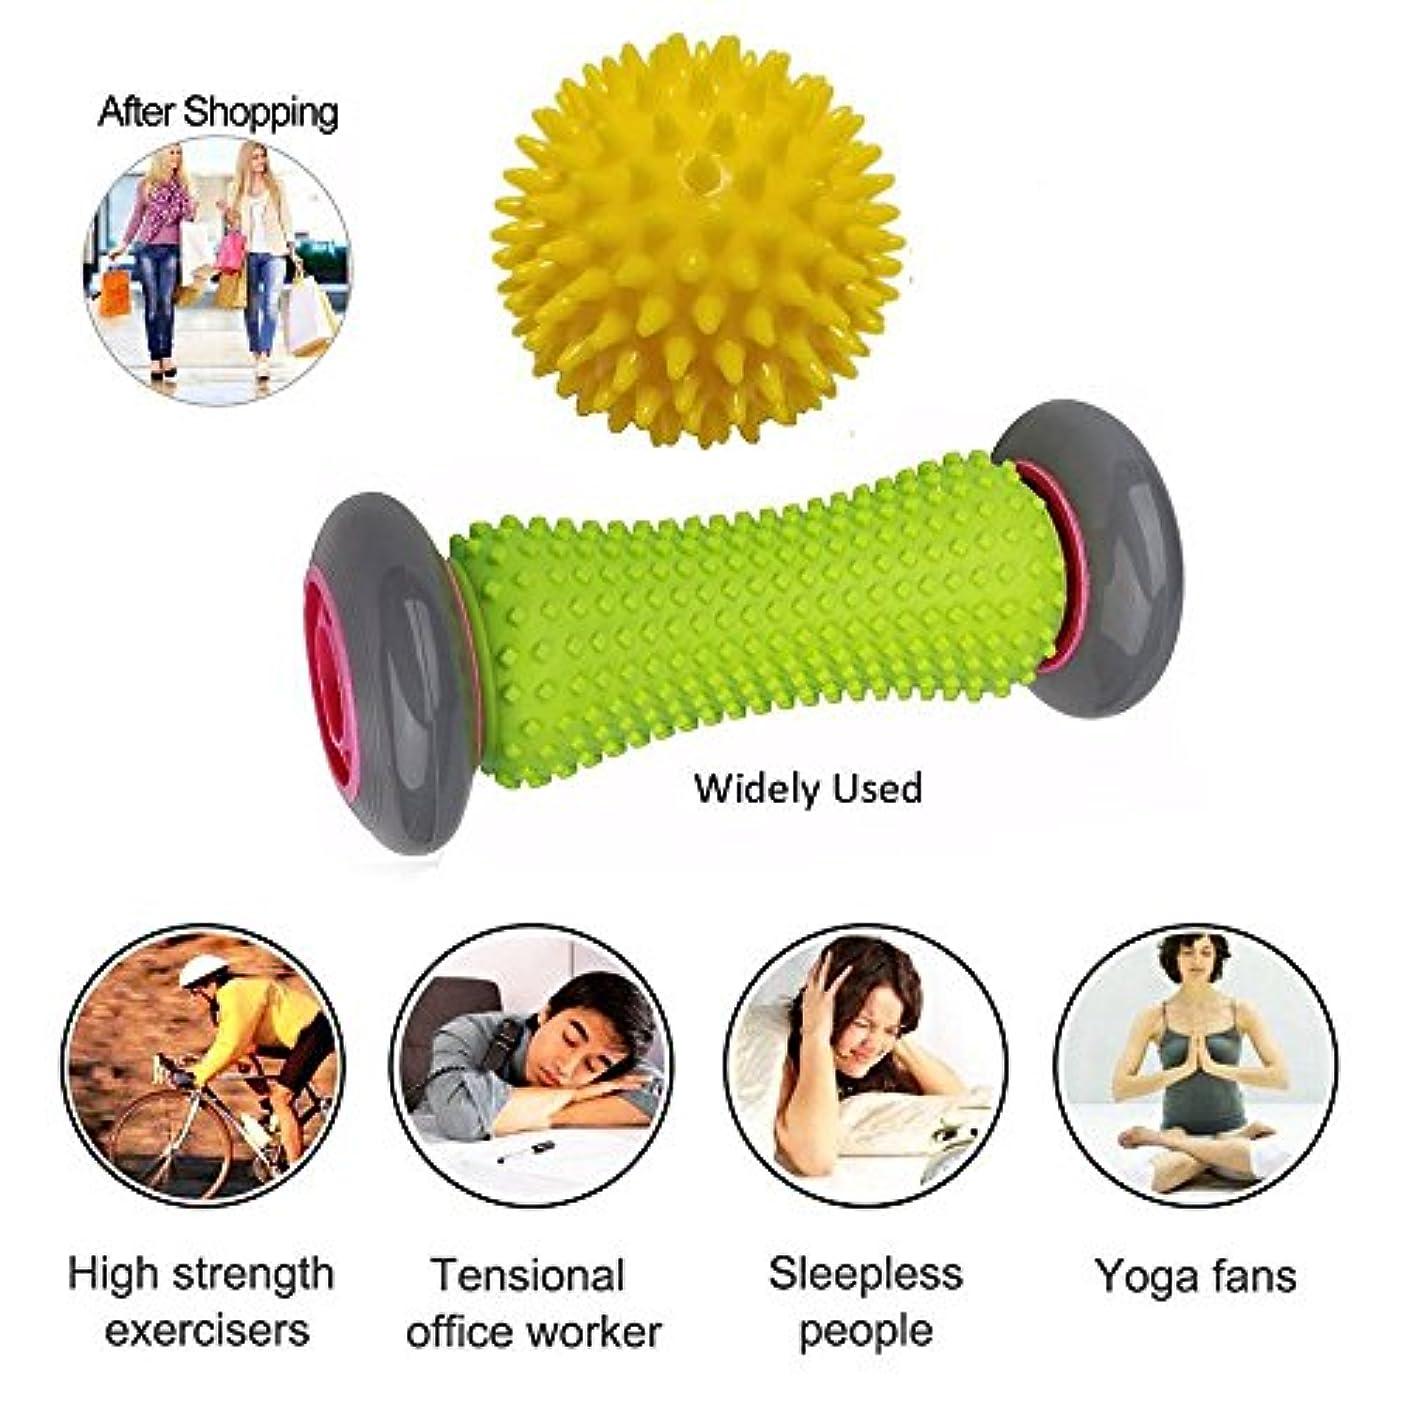 未就学利益救急車フットマッサージローラー - アメージングモール - 理想的な足の痛みの救済マッサージ - フットマッサージャーのためのヒールスパー - 効果的なローラーの足のローラーマッサージ - 推奨フットマッサージャーランナー -...